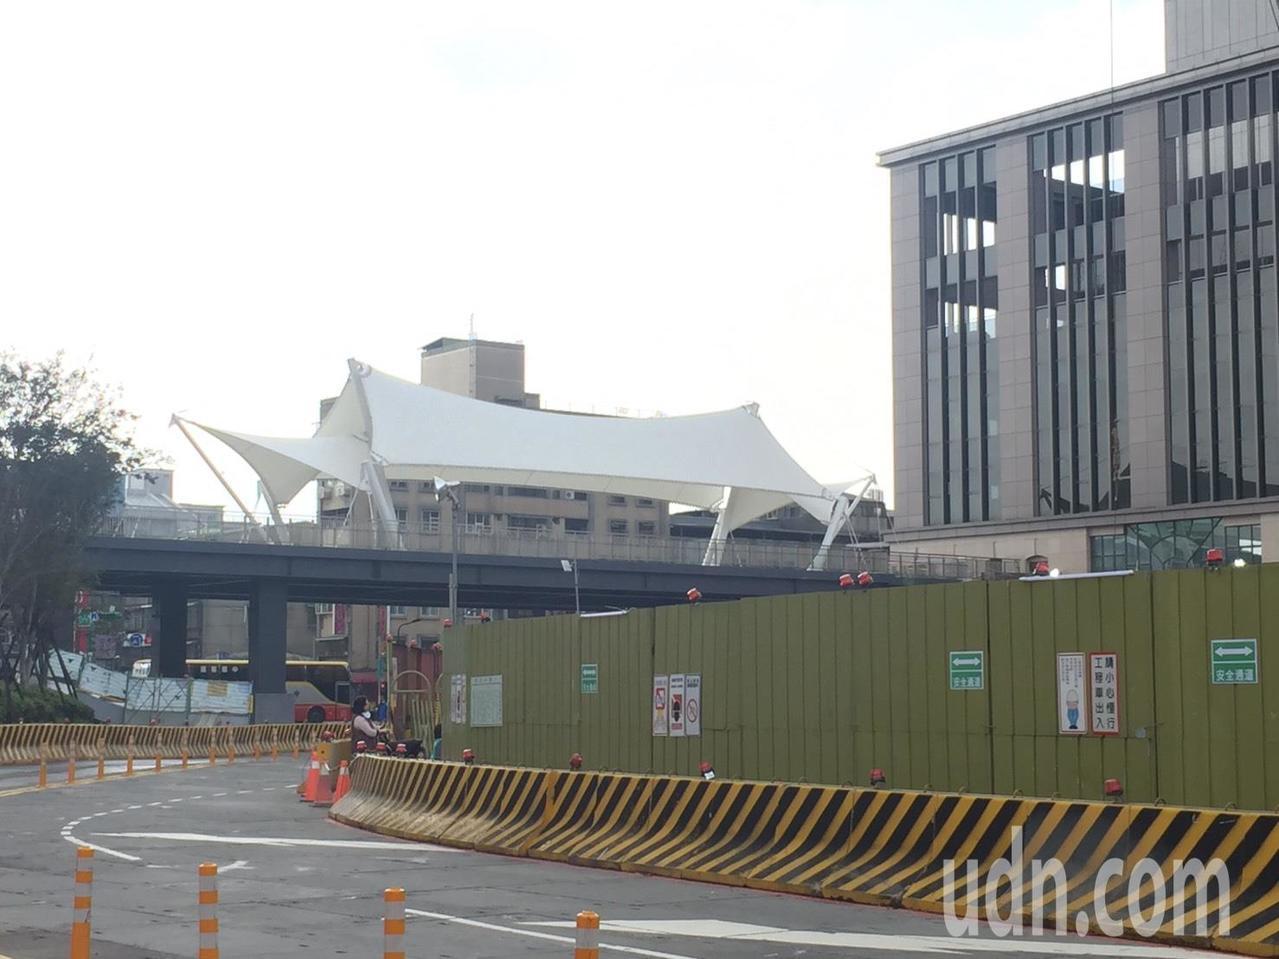 空橋上有龍山寺意象的純白色造景,遠望就像龍山寺的寺廟屋簷。記者陳靖宜/攝影